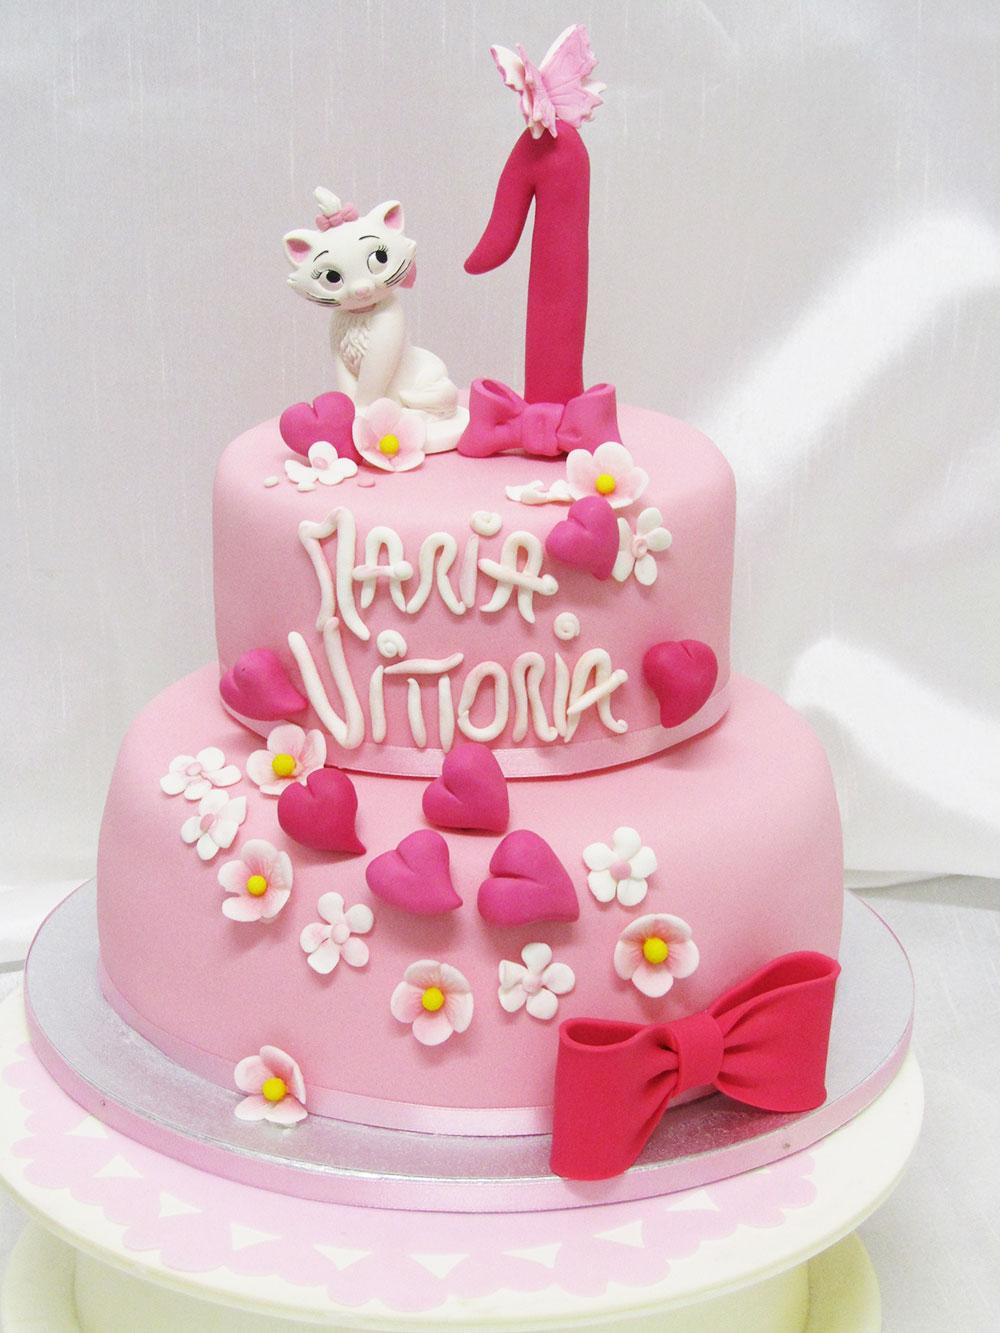 Torte cake design per compleanni a roma servizio a domicilio for Immagini design